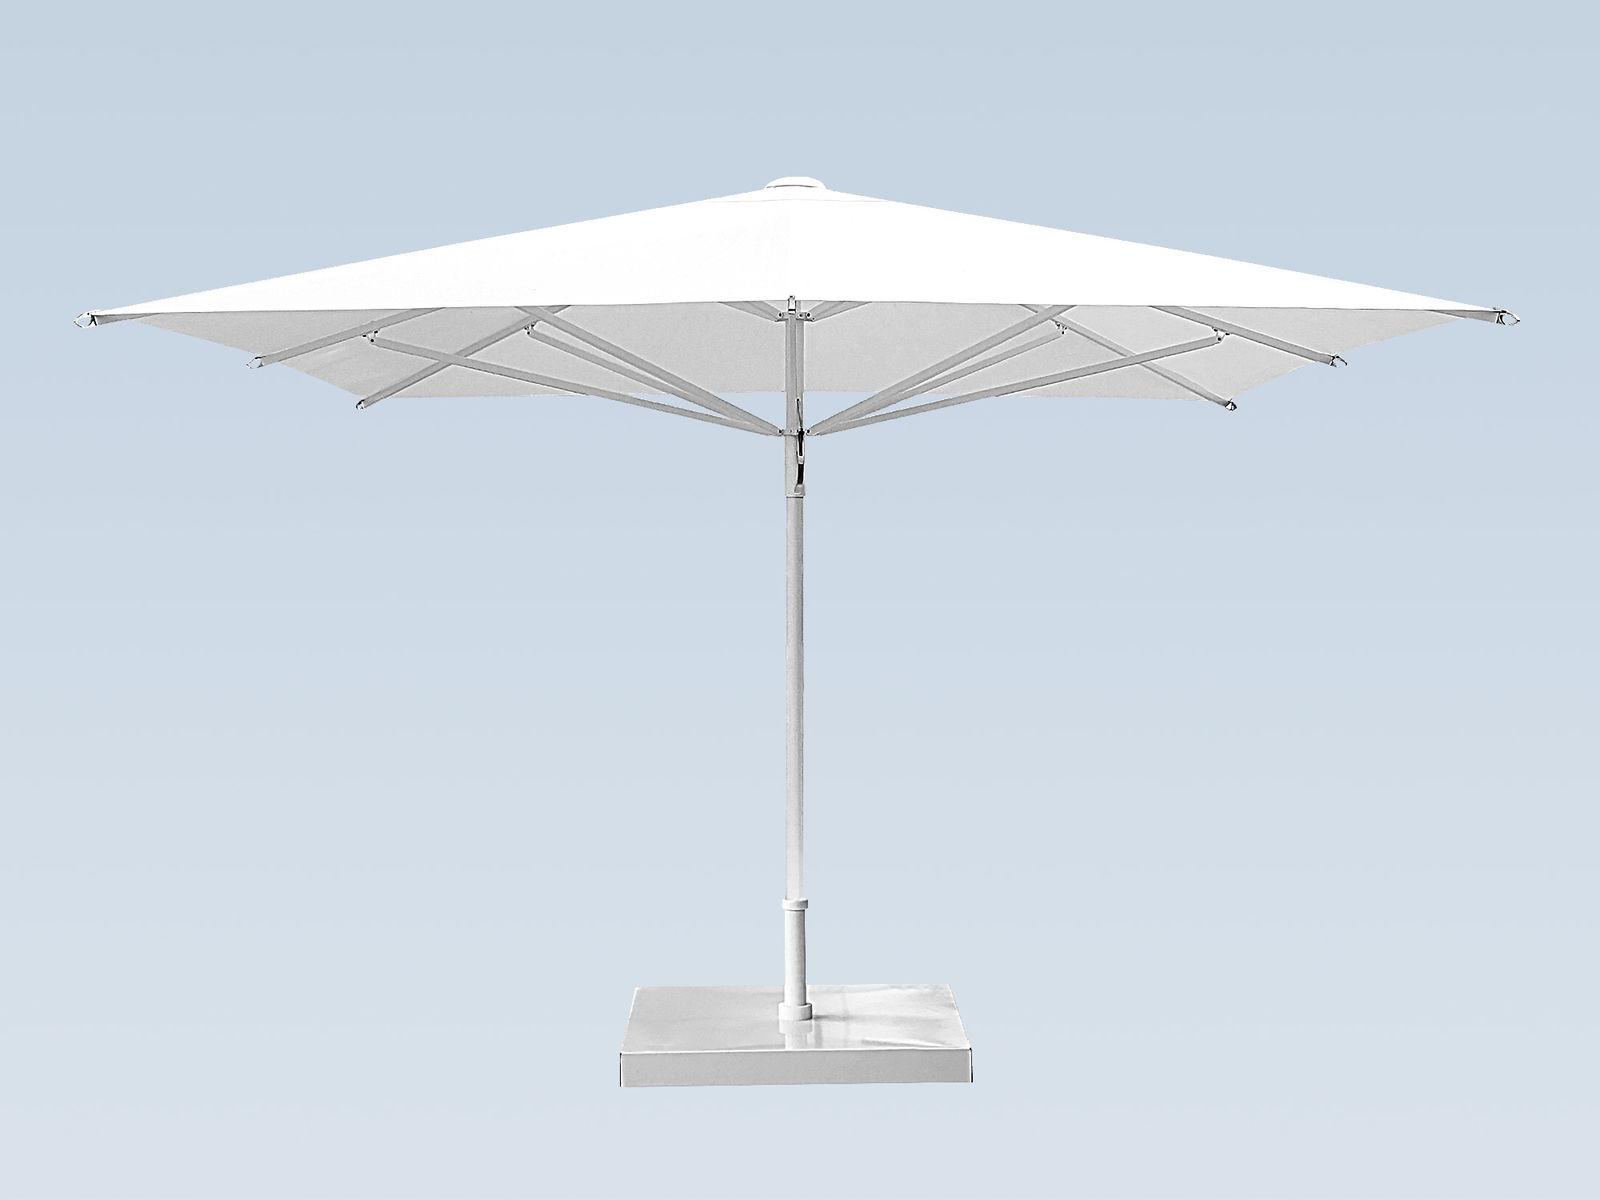 Mdt Schirme sonnenschirm typ s16 - spannschirm   mdt-tex